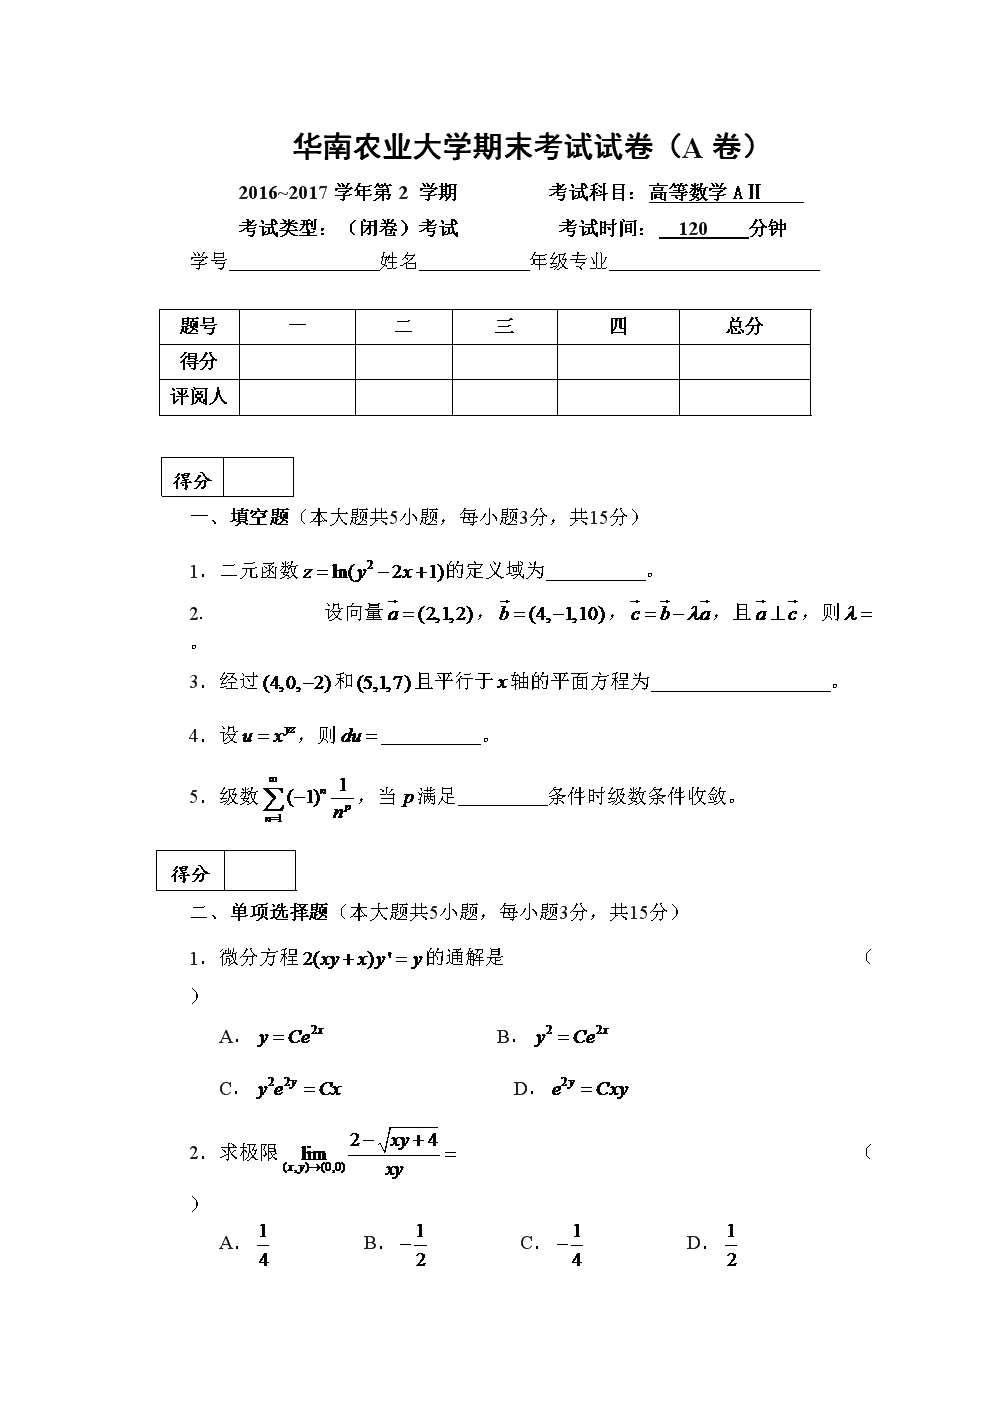 2017高等数学知识下试题及参考的答案.doc